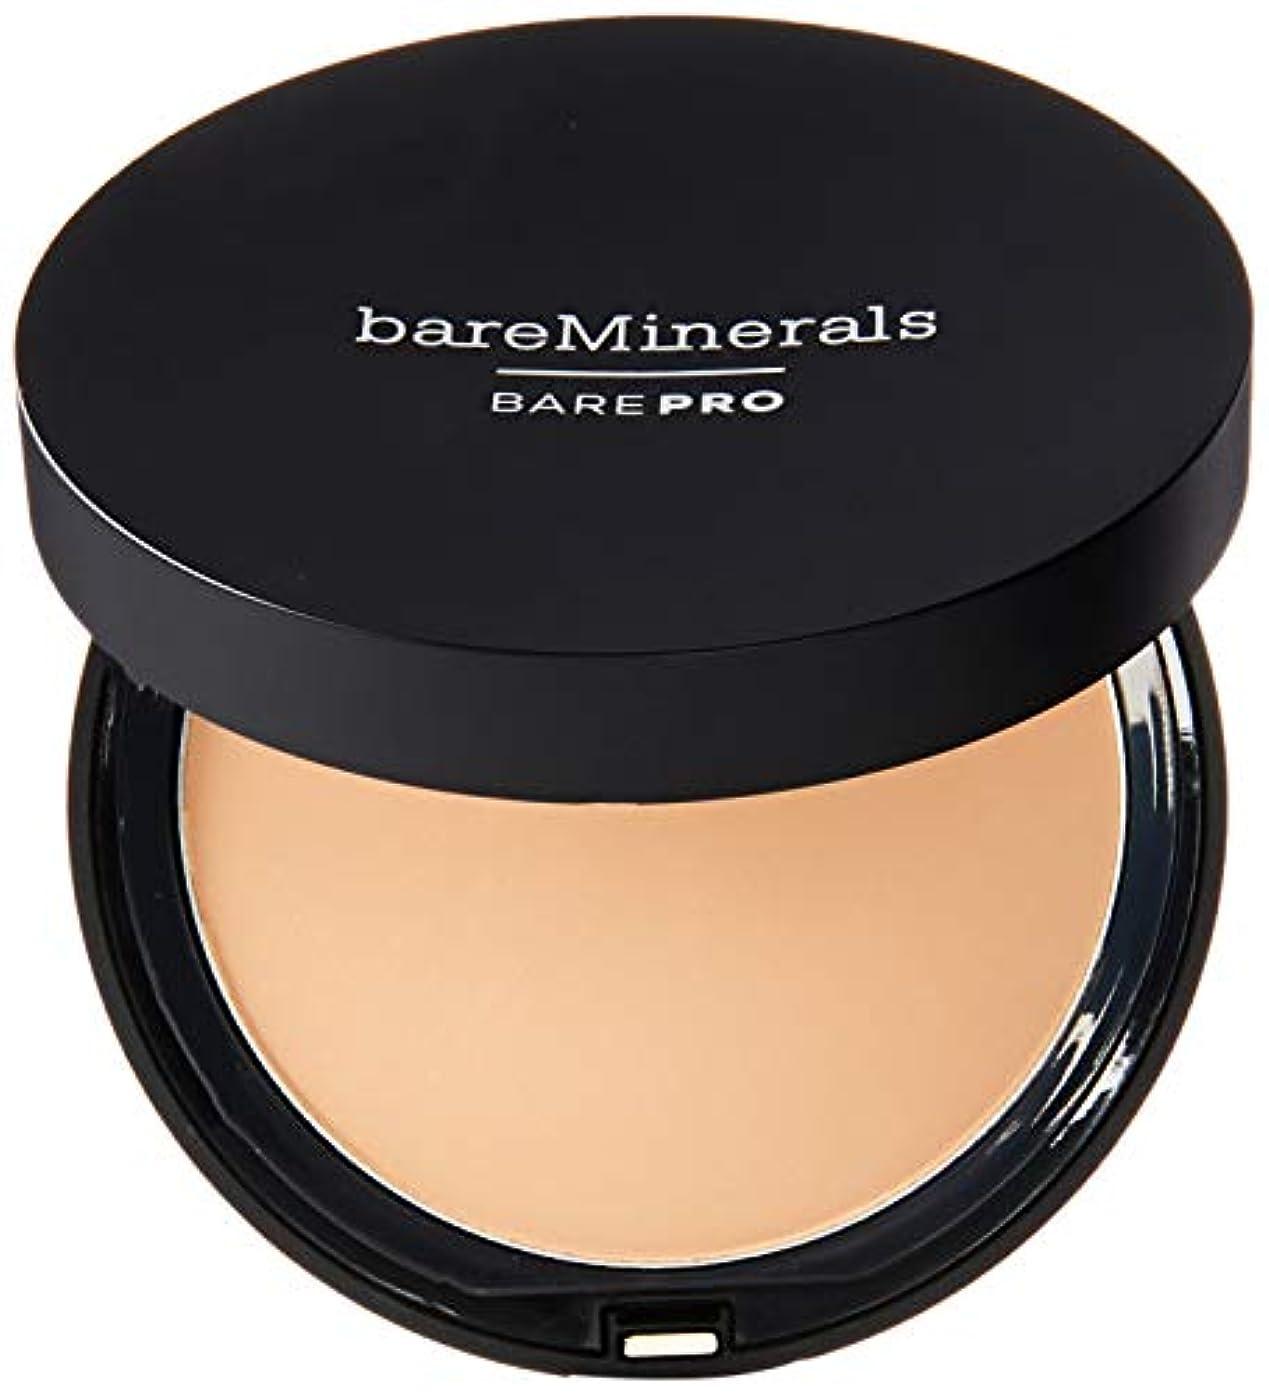 豊富メカニックチャンピオンシップベアミネラル BarePro Performance Wear Powder Foundation - # 12 Warm Natural 10g/0.34oz並行輸入品